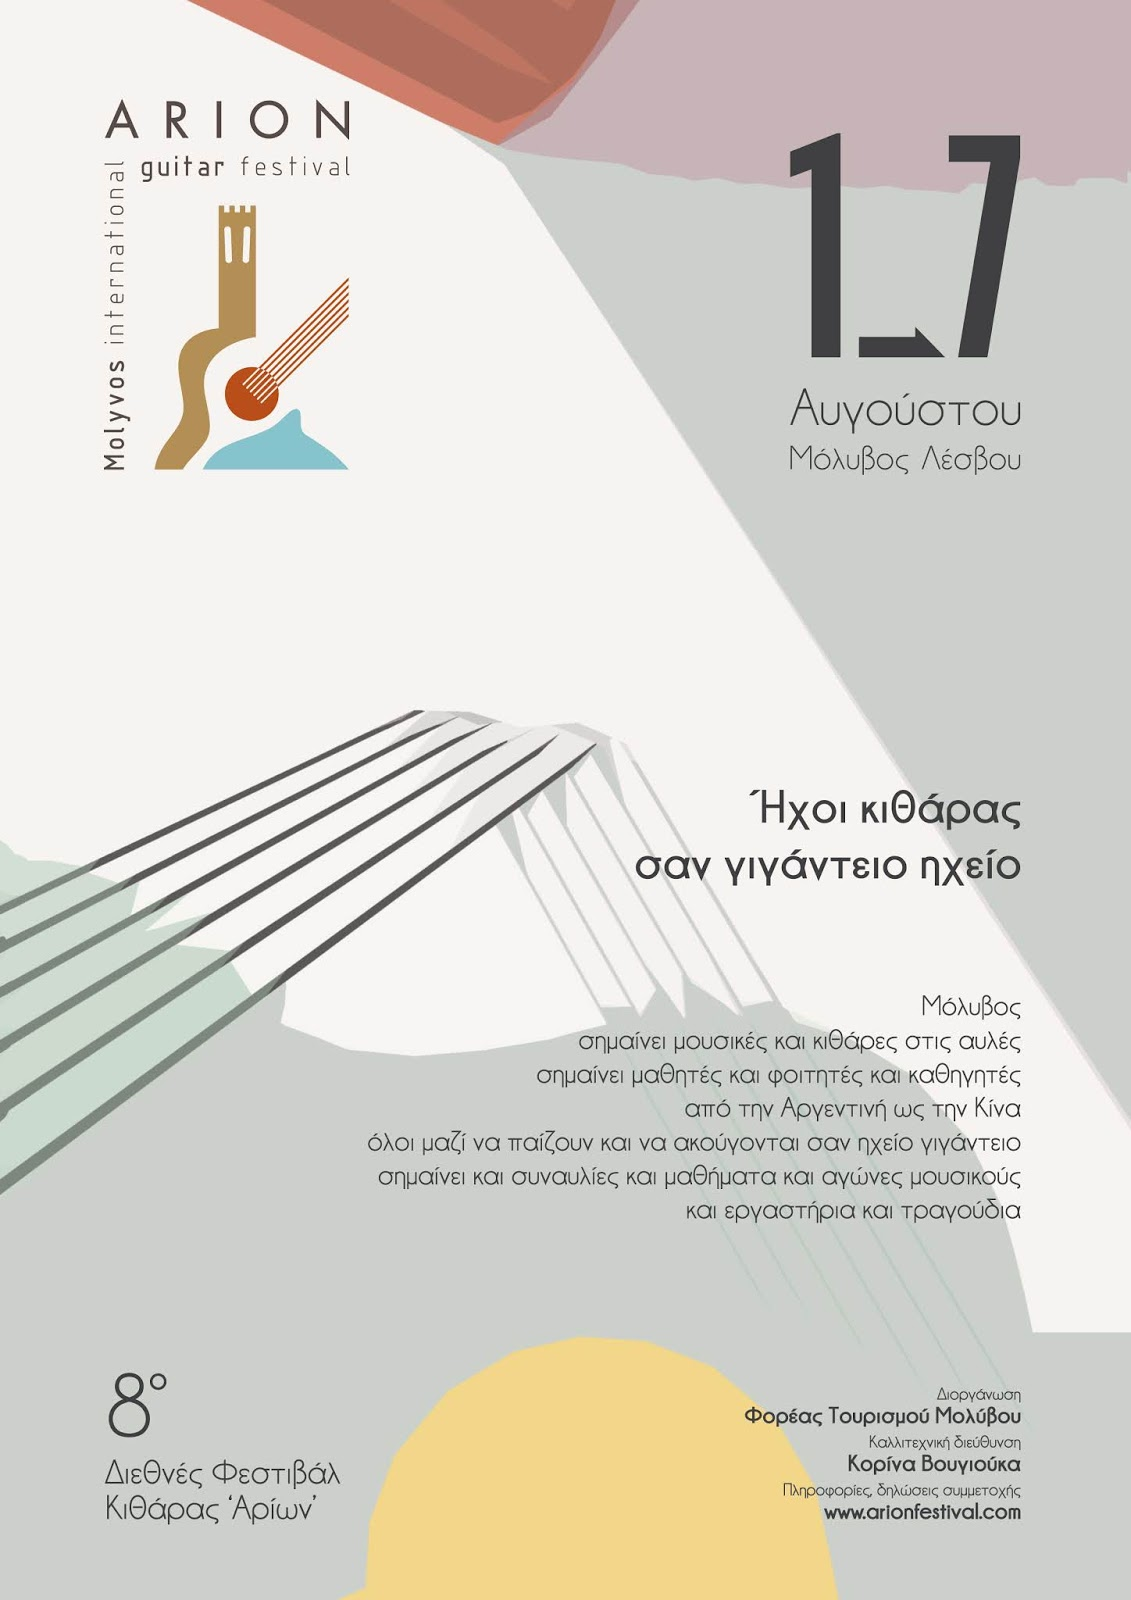 Για όγδοη συνεχή χρονιά το Διεθνές Φεστιβάλ Κιθάρας « Αρίων» στο Μόλυβο